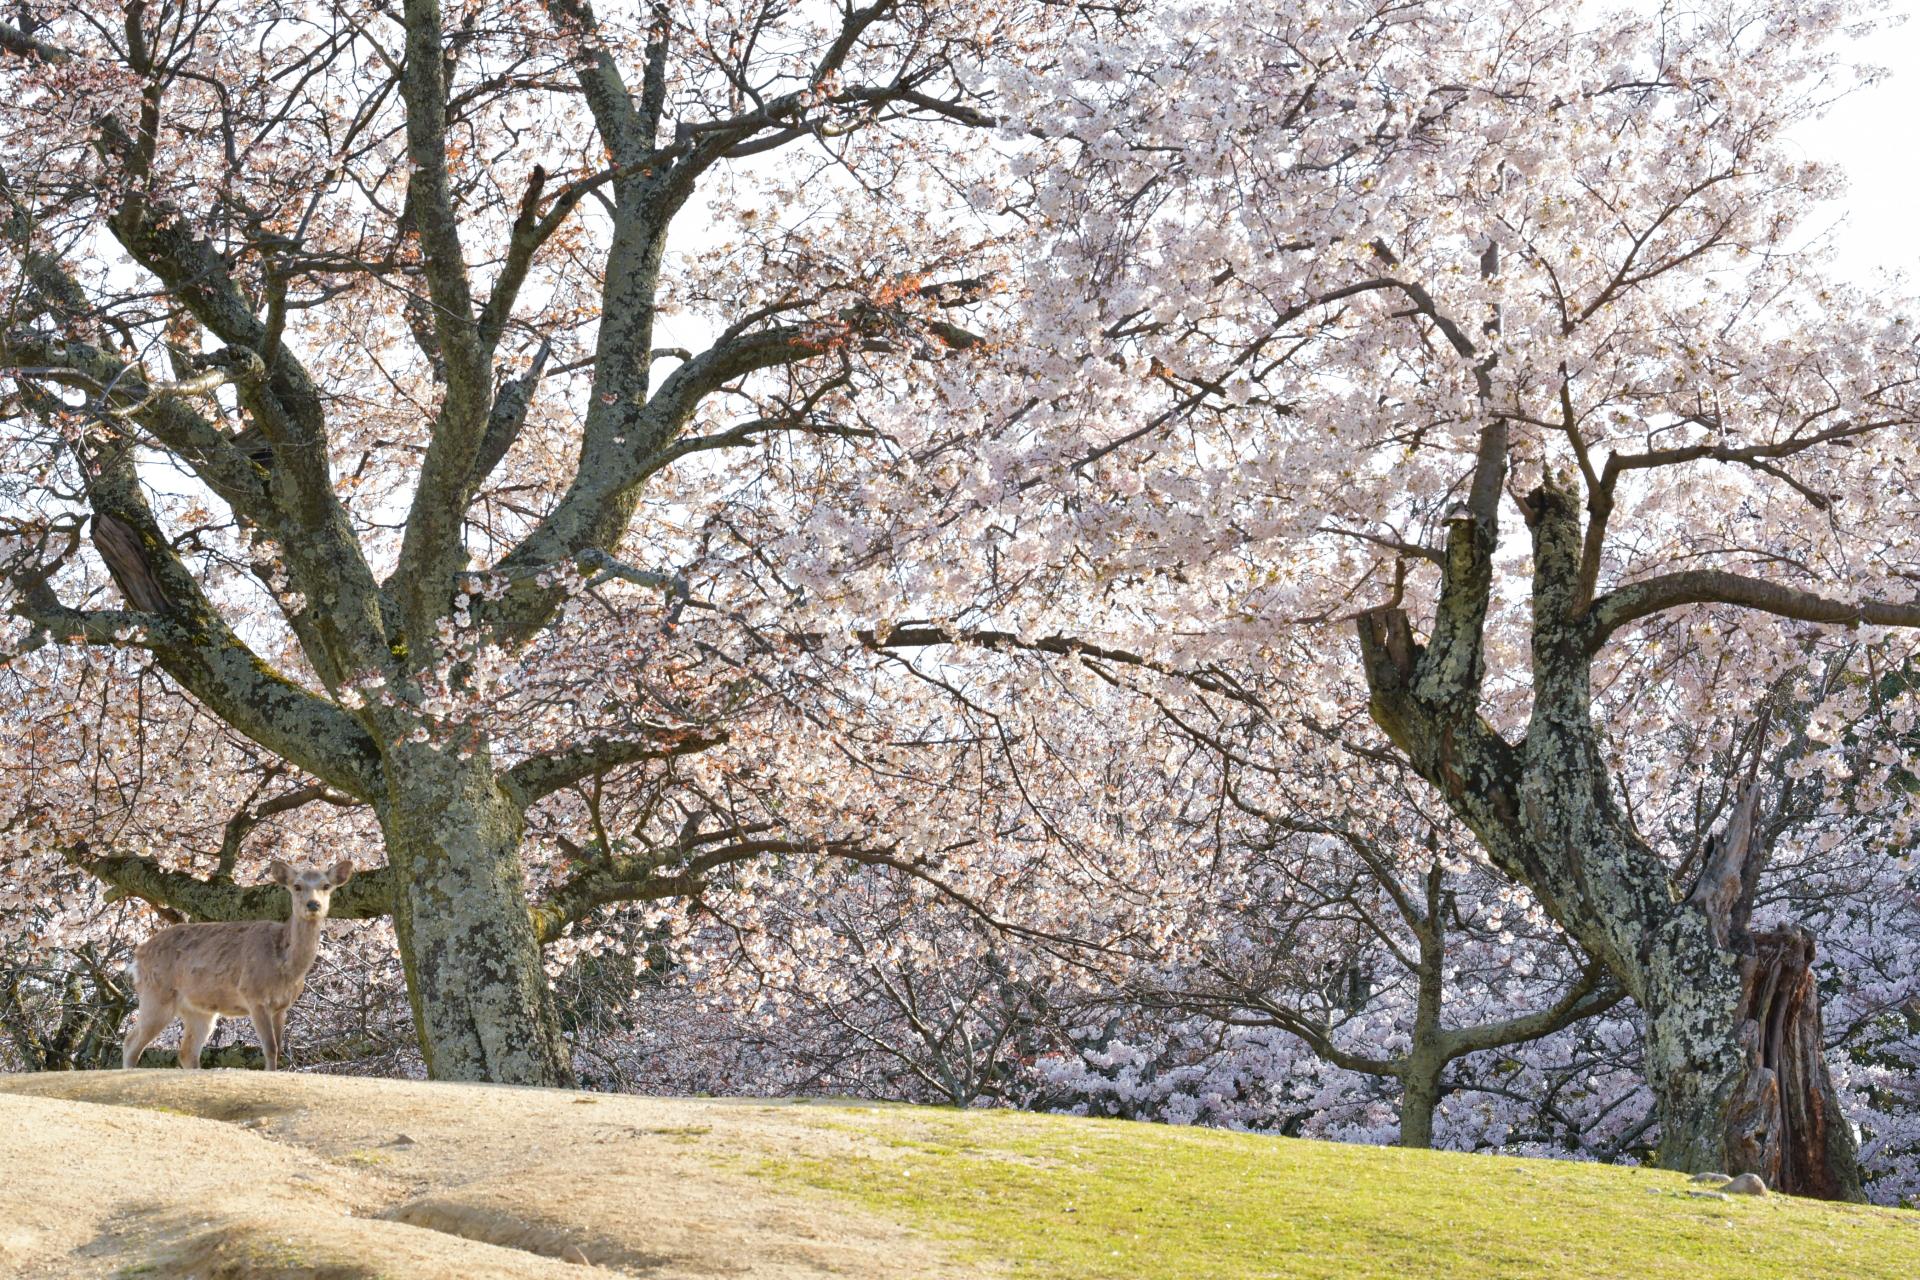 4521078_m 奈良県  奈良公園(鹿と桜の美しい景色が見れる春におすすめの桜スポット! 写真の紹介、アクセス情報や駐車場情報など)